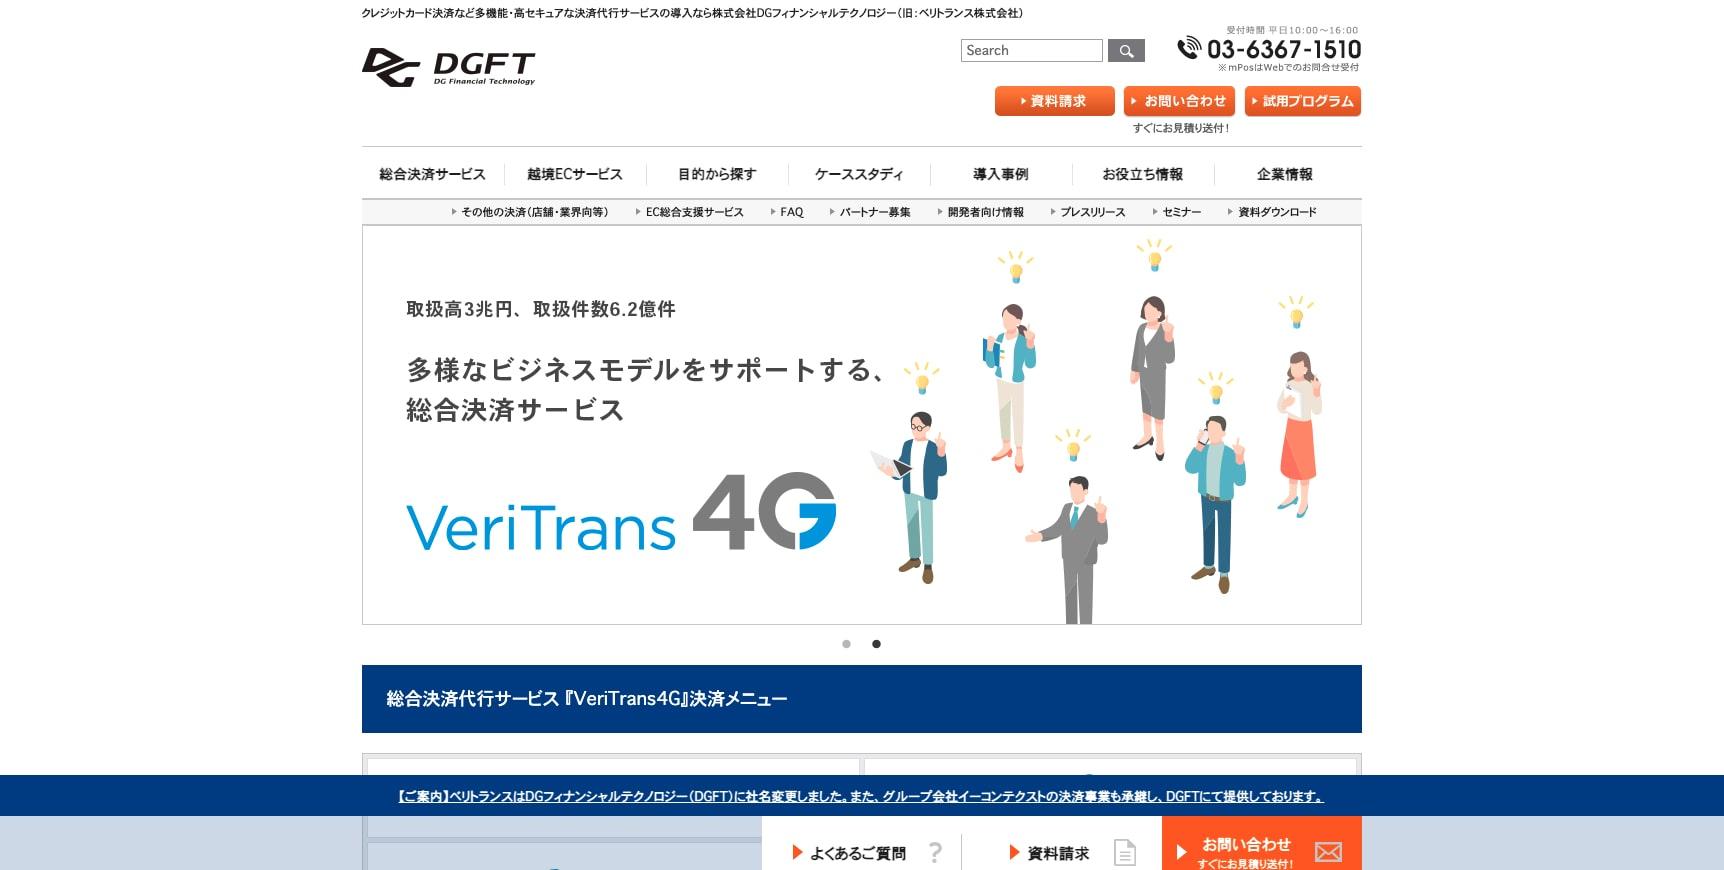 DGフィナンシャルテクノロジー